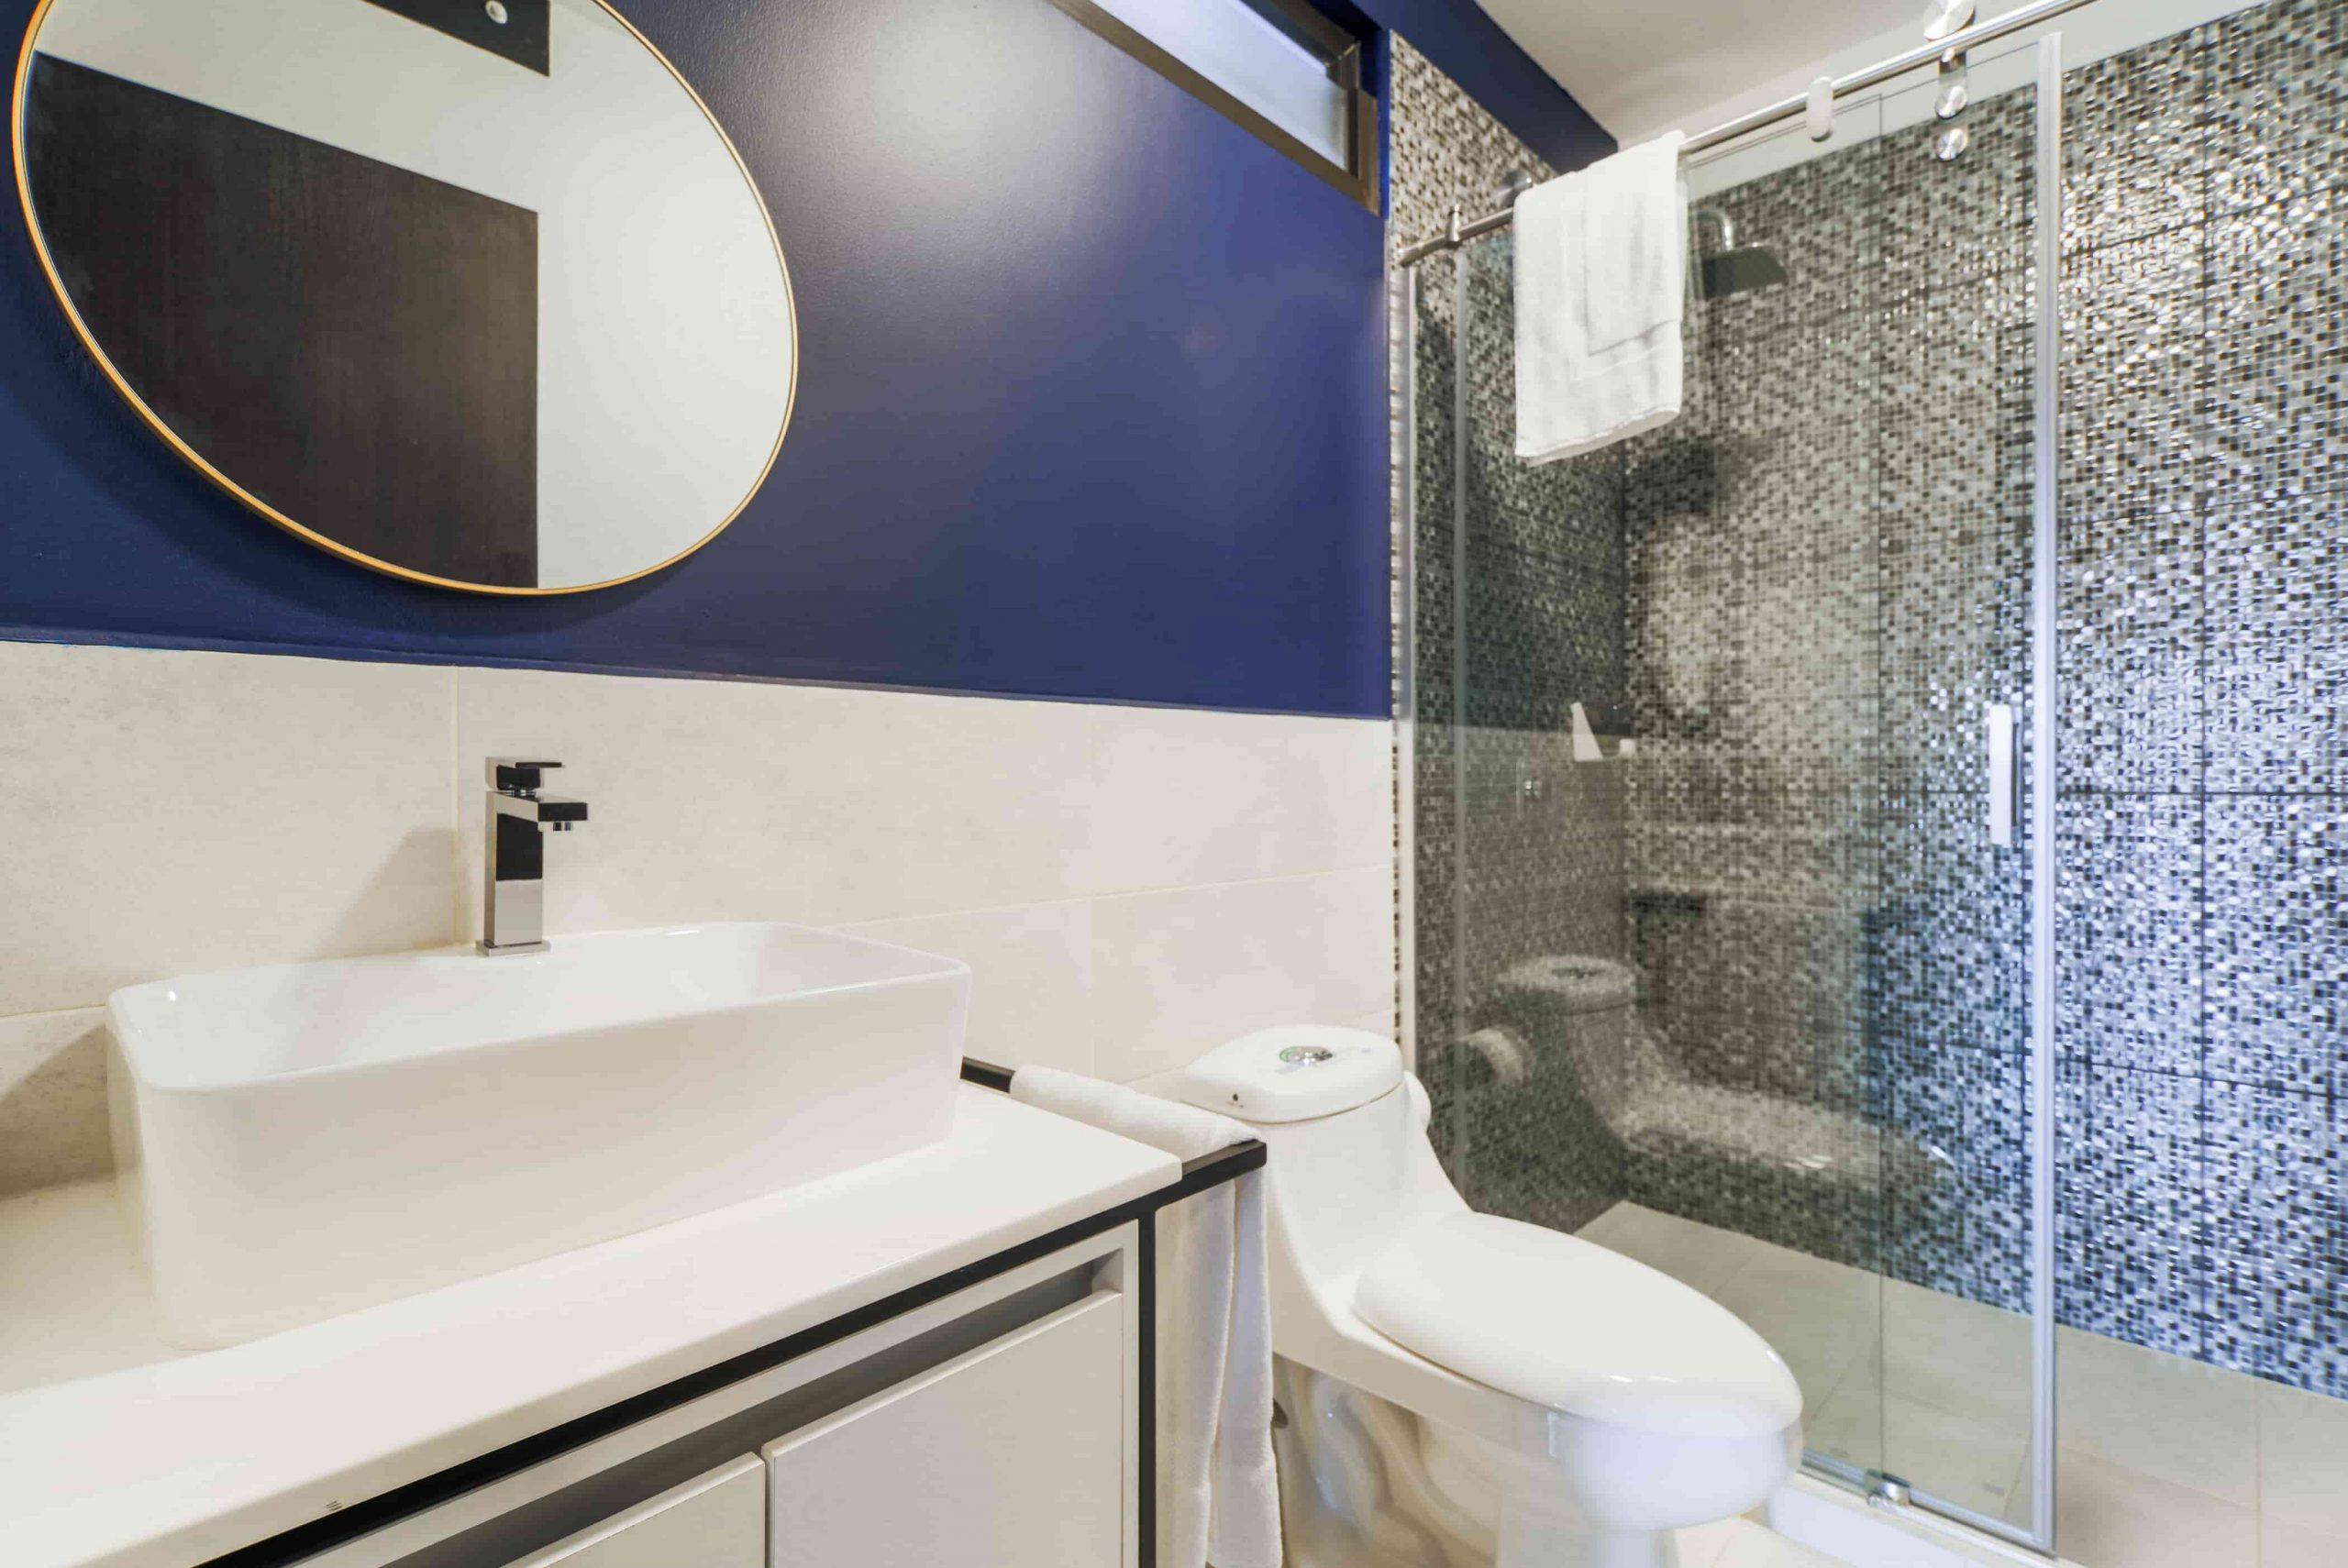 baño - apartamento vivotel